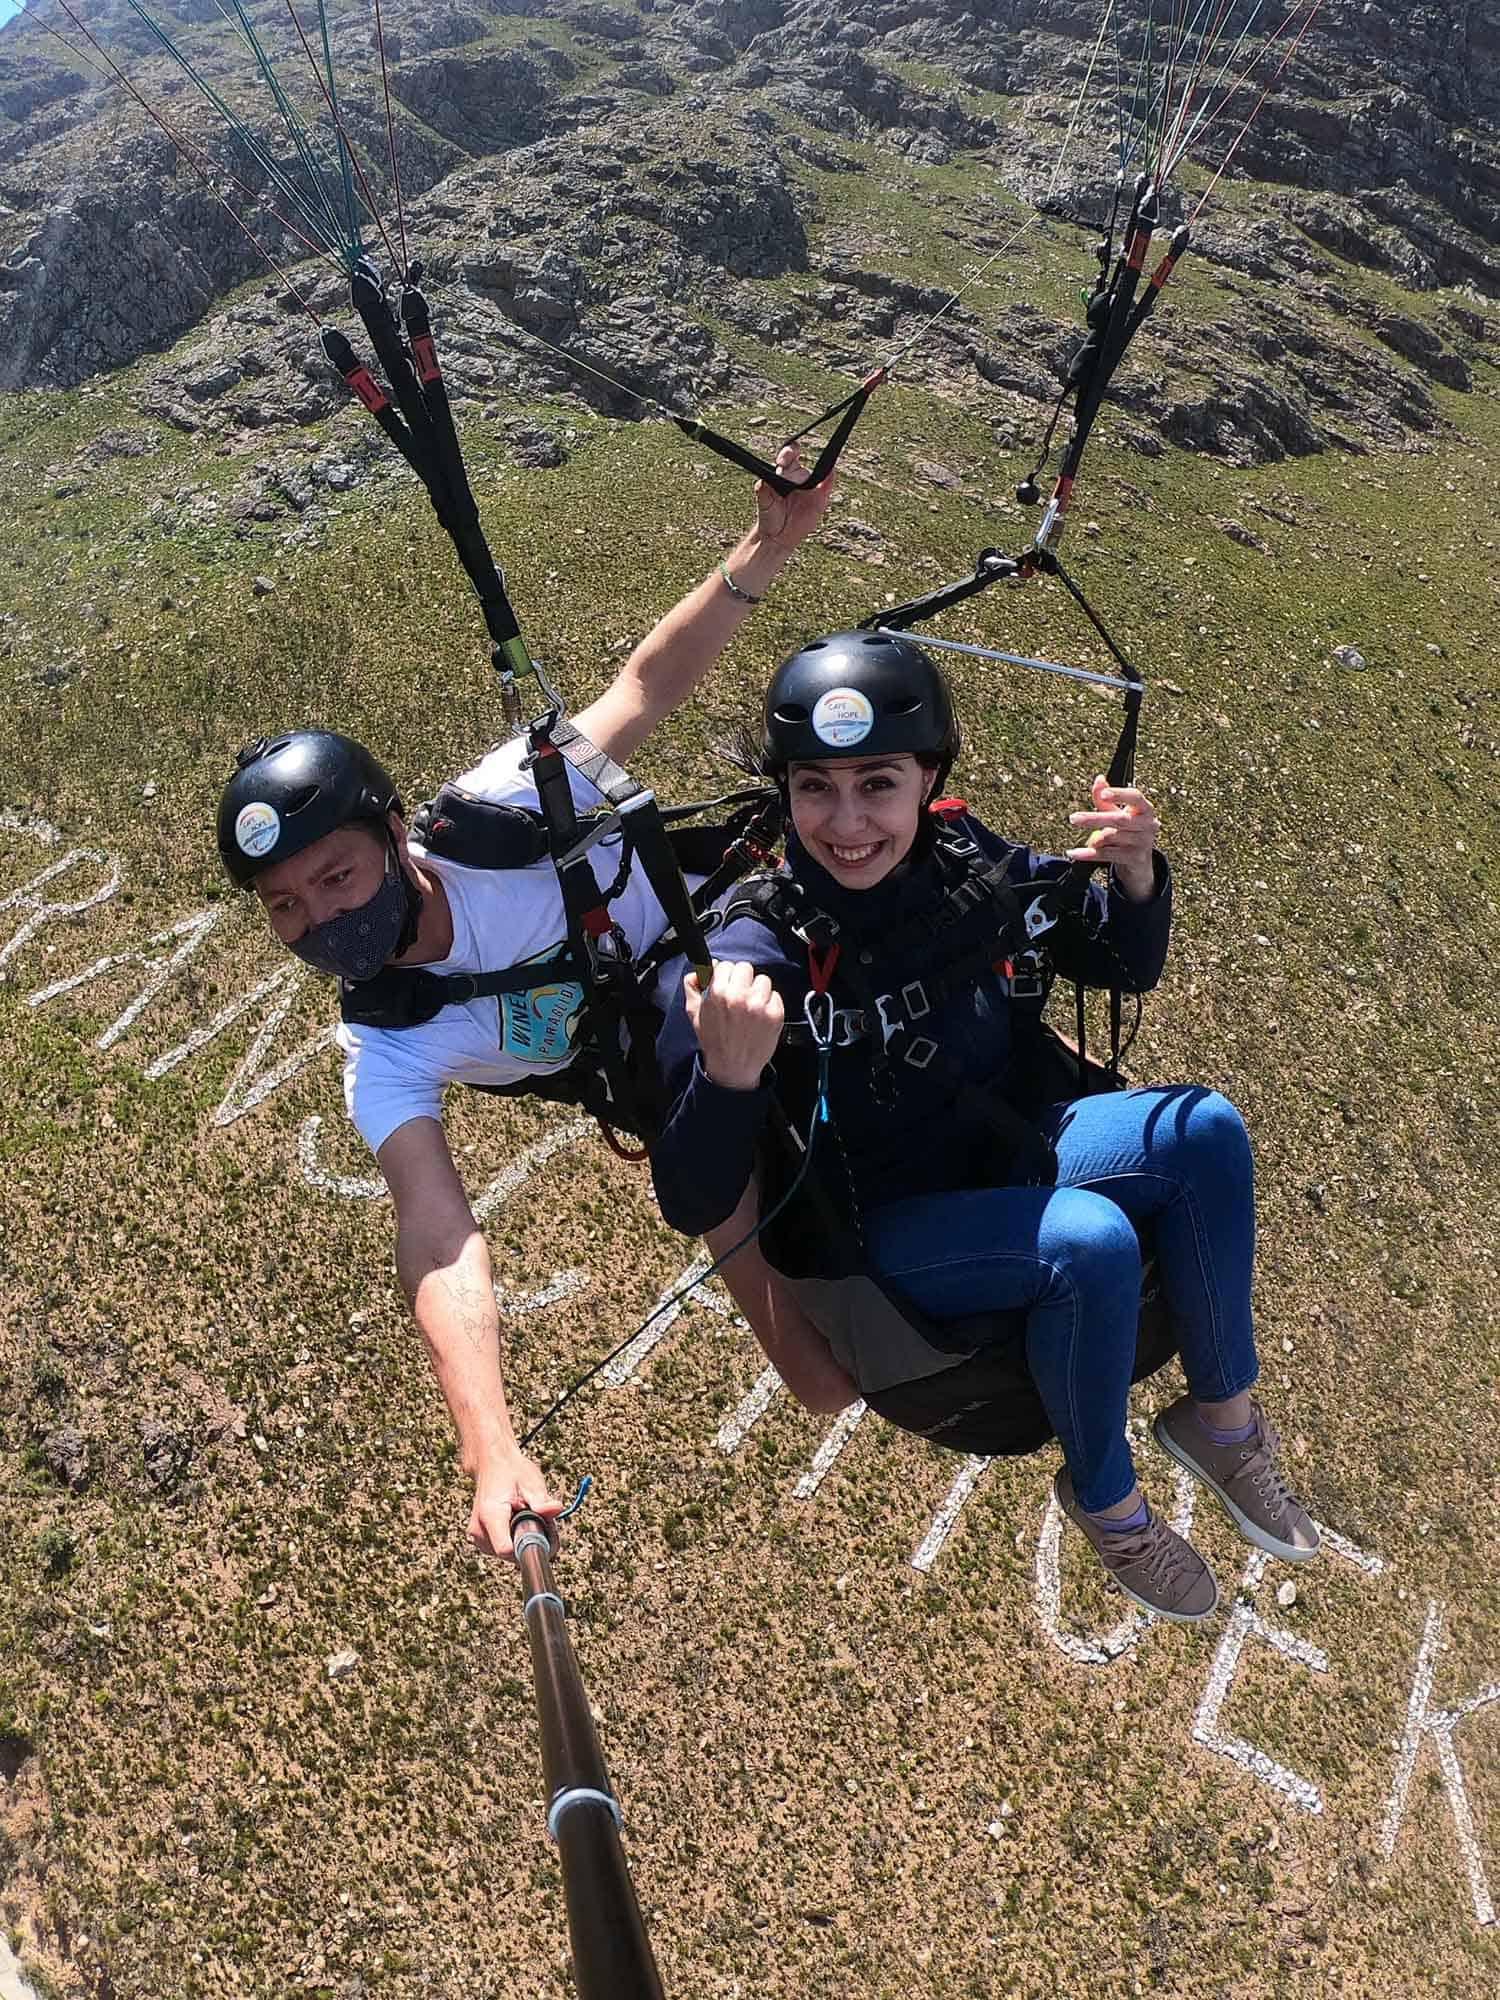 cape-hope-paragliding-37-min